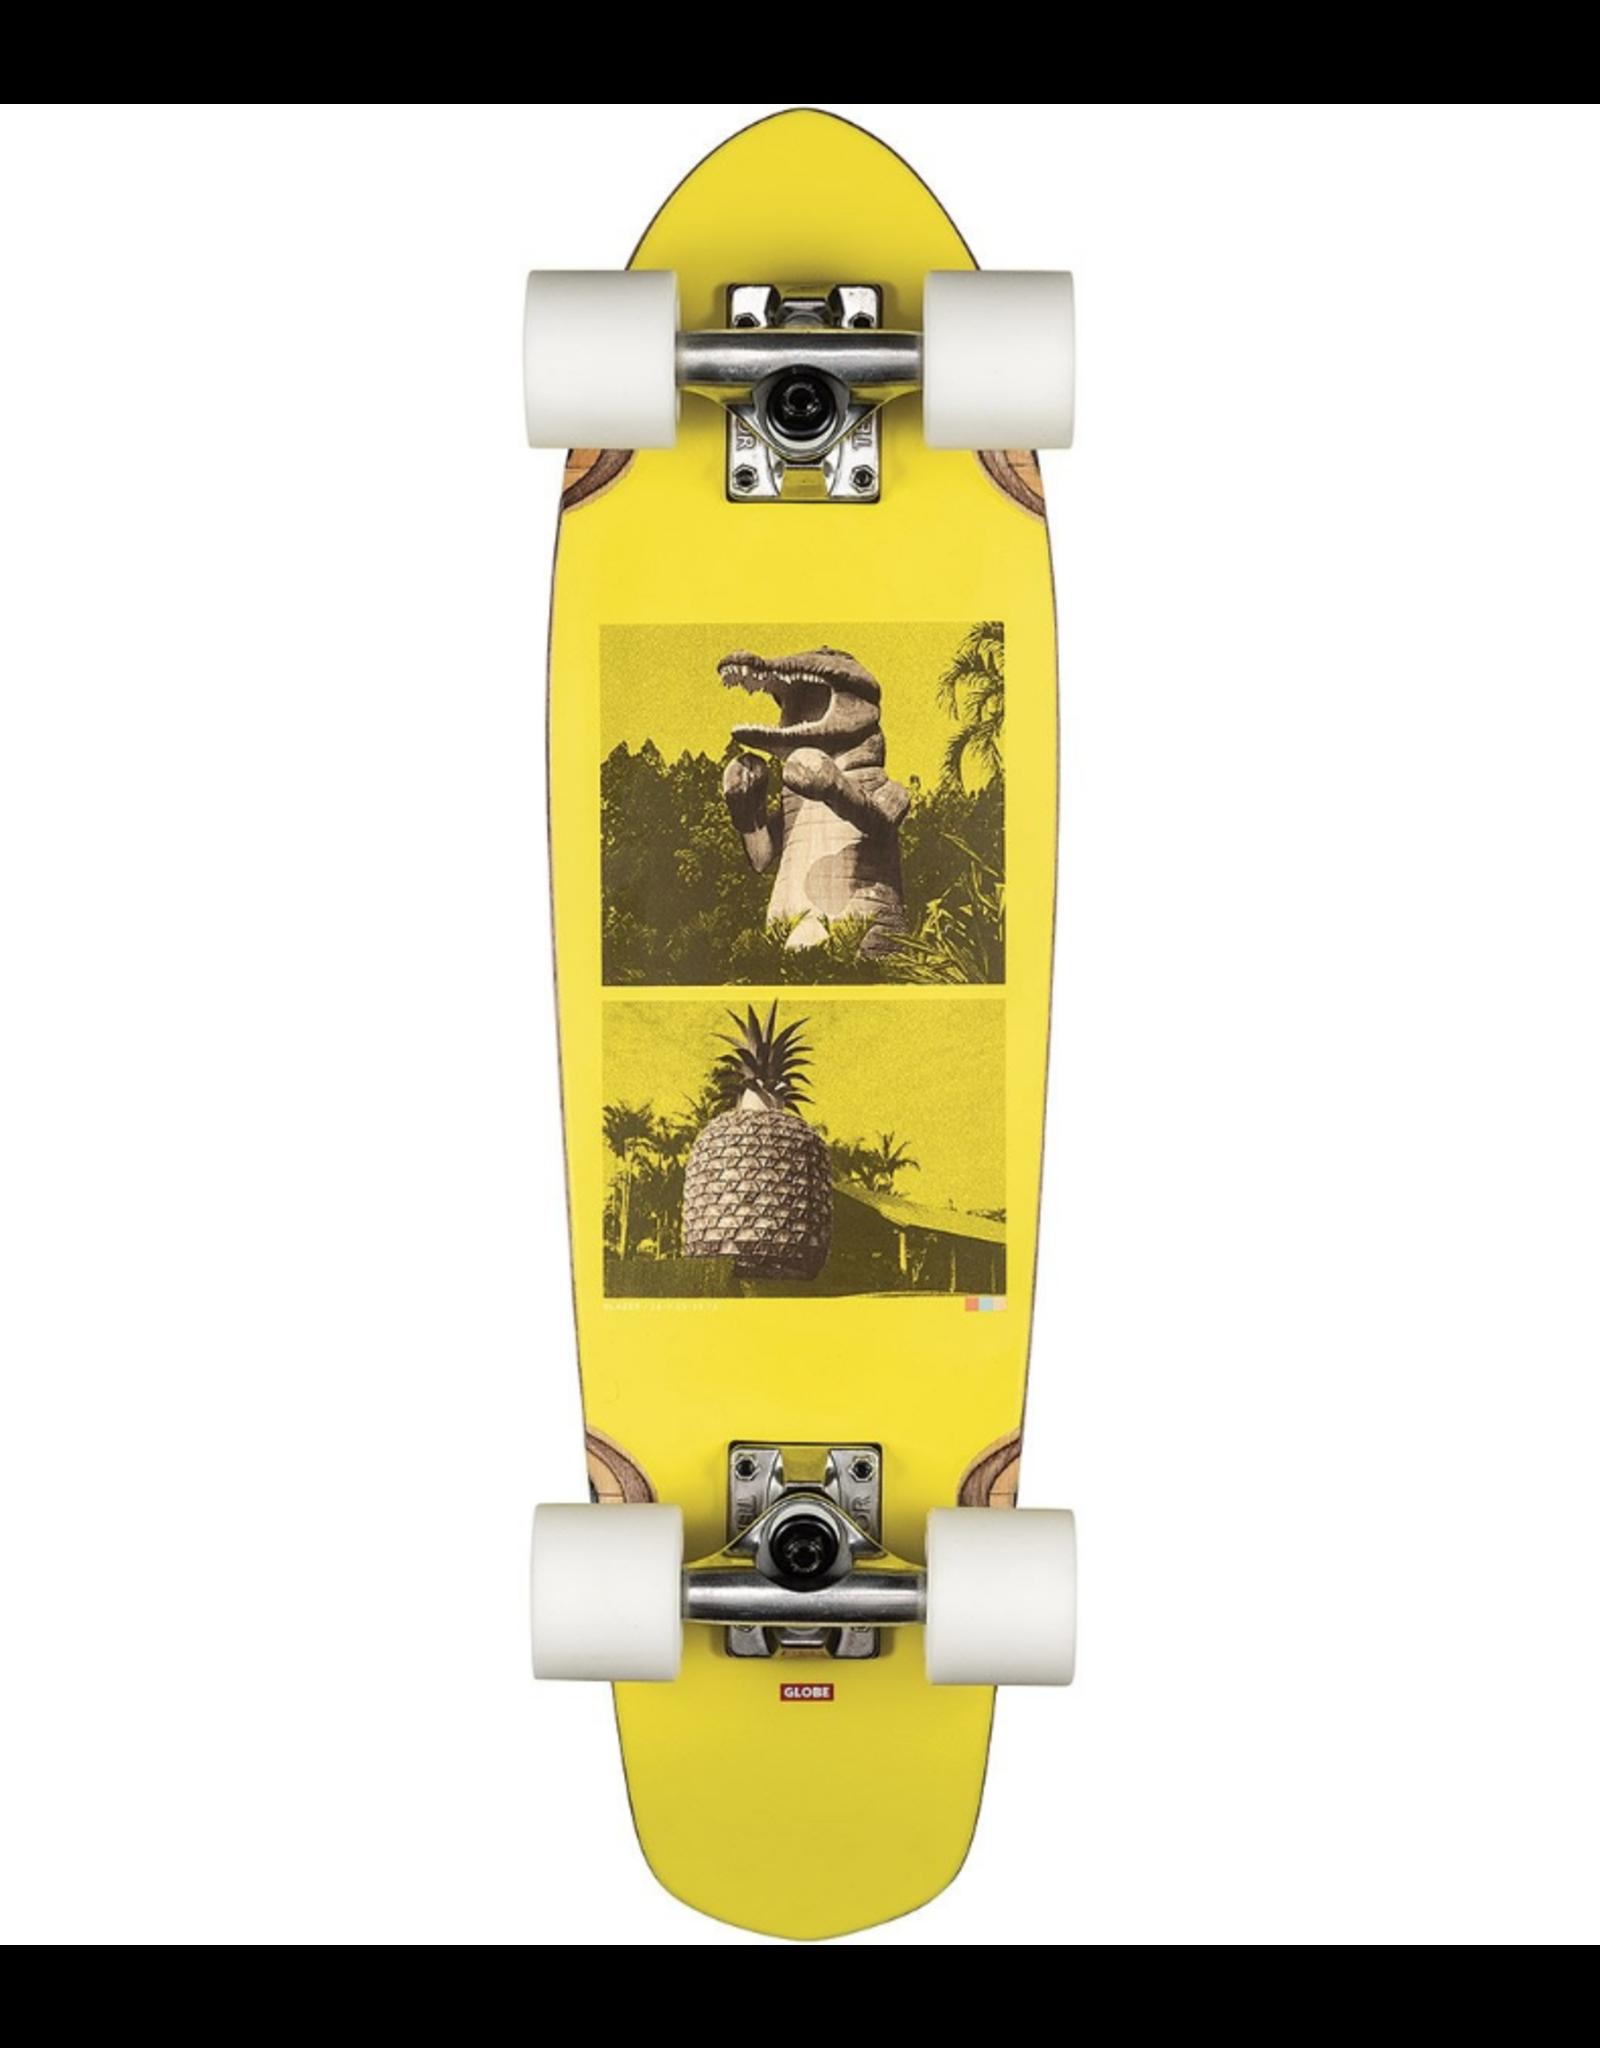 Globe Blazer - Pineapple Express